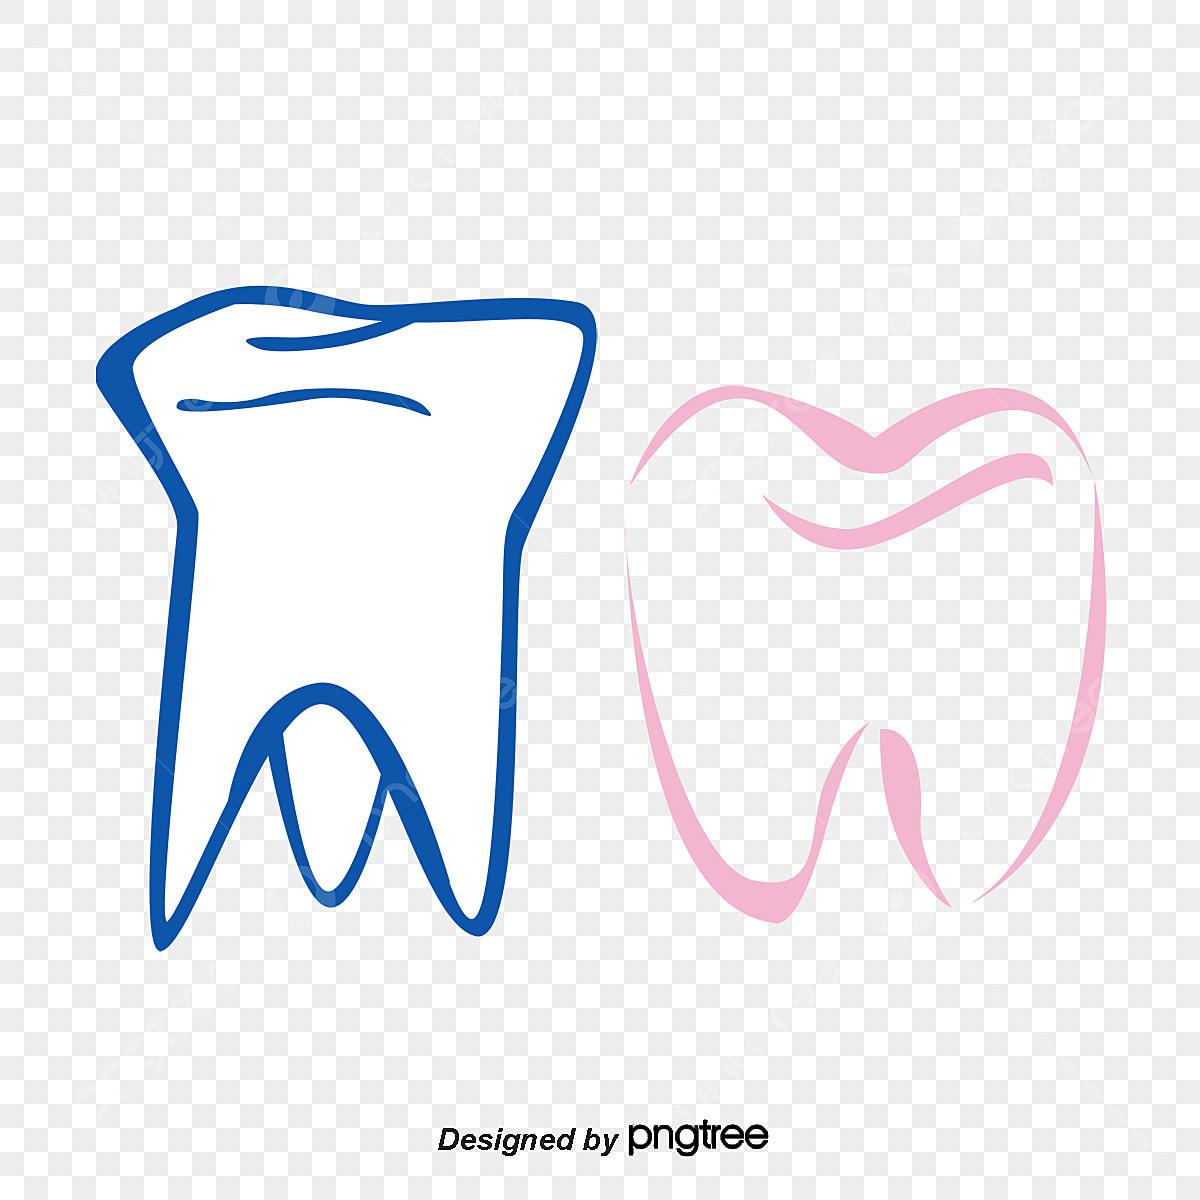 Grafico De Vetor De Desenho De Dentes Desenho De Dentes Free